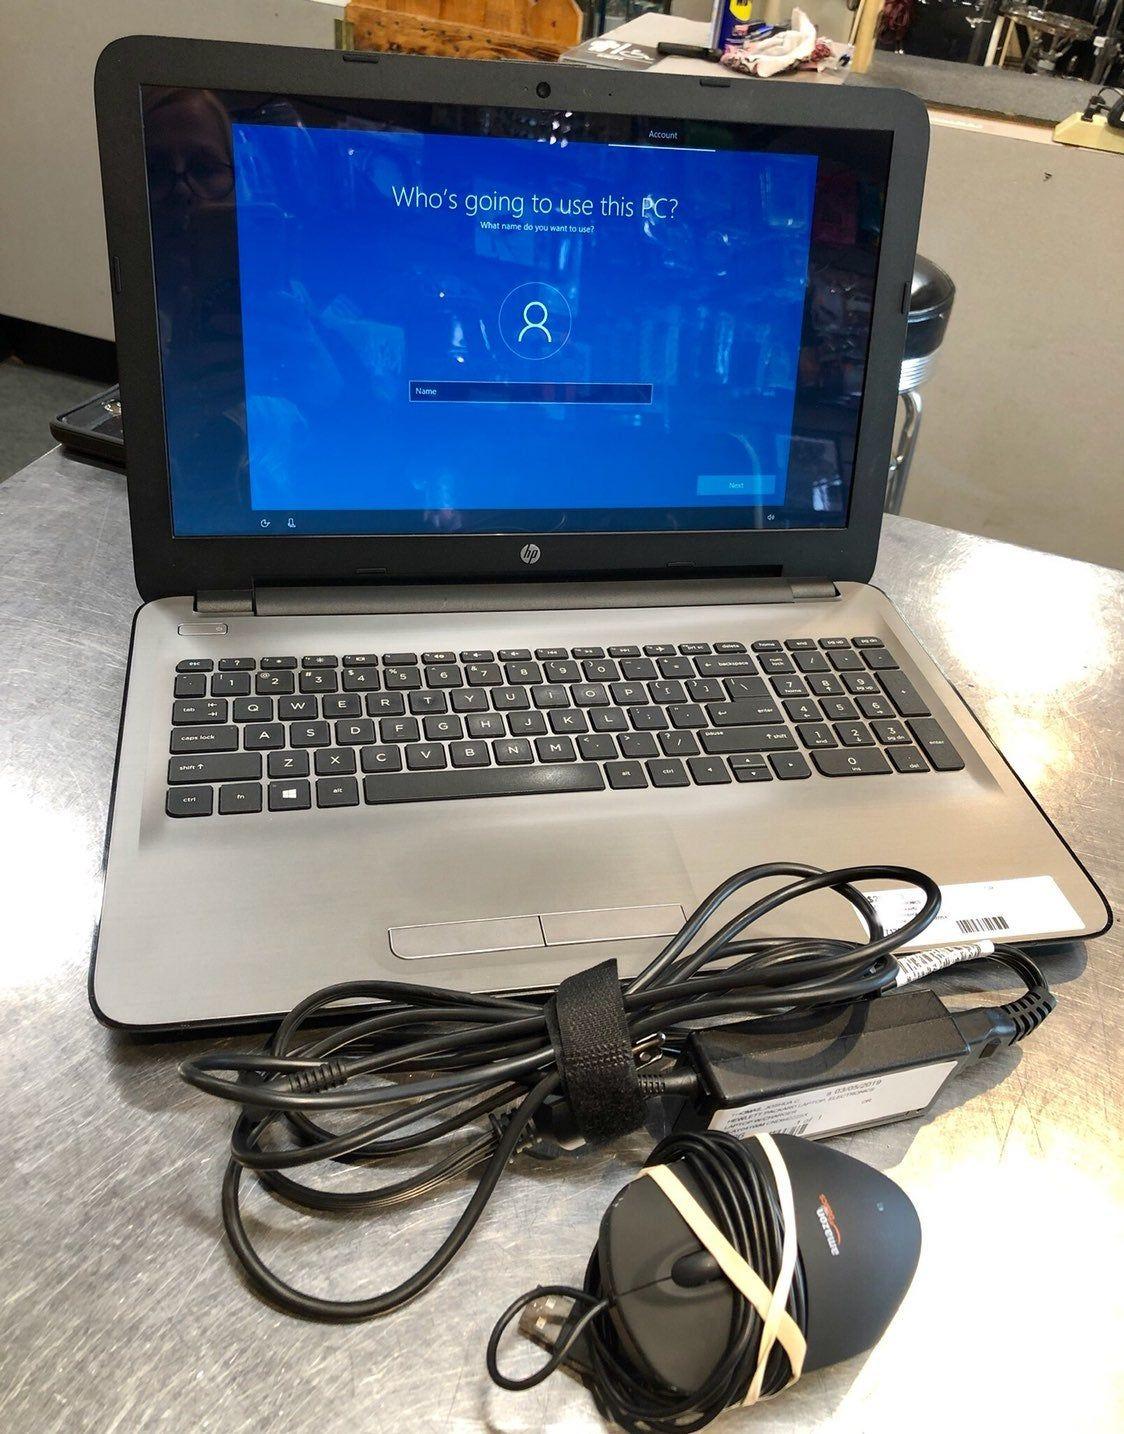 Hp 15ay041wm touchscreen laptop intel core i36100u 2